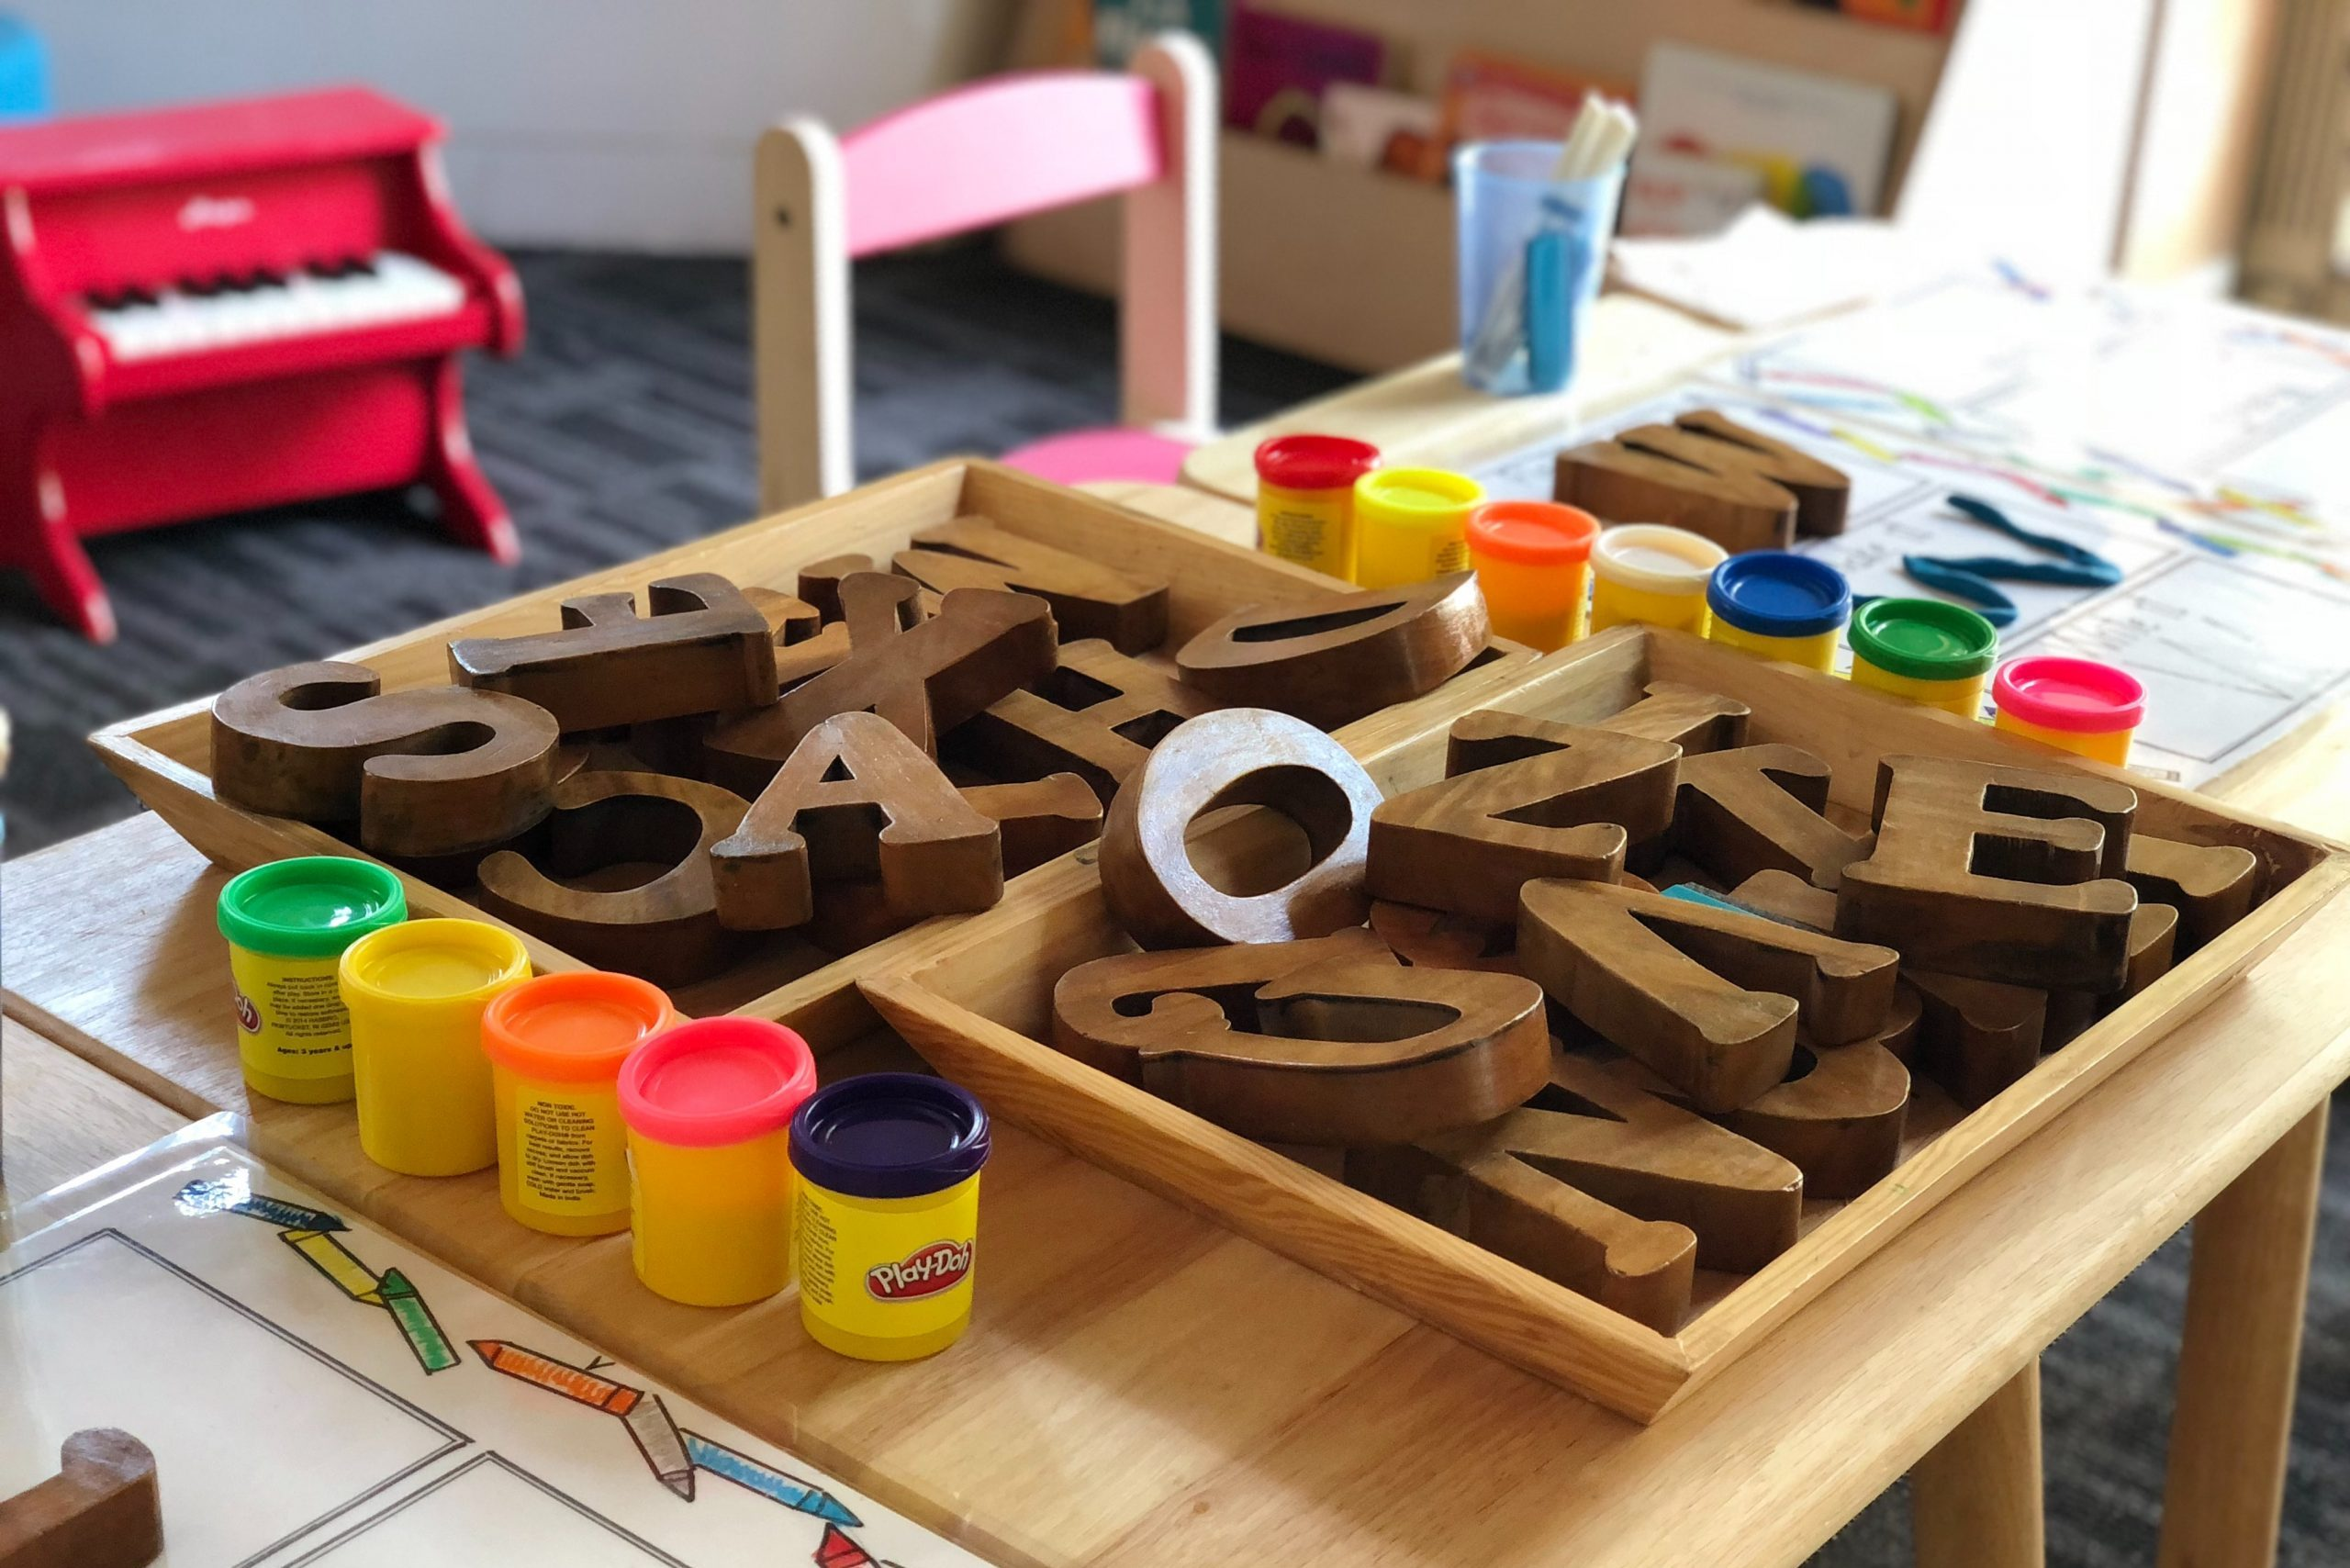 daycare provider - Boston Moms